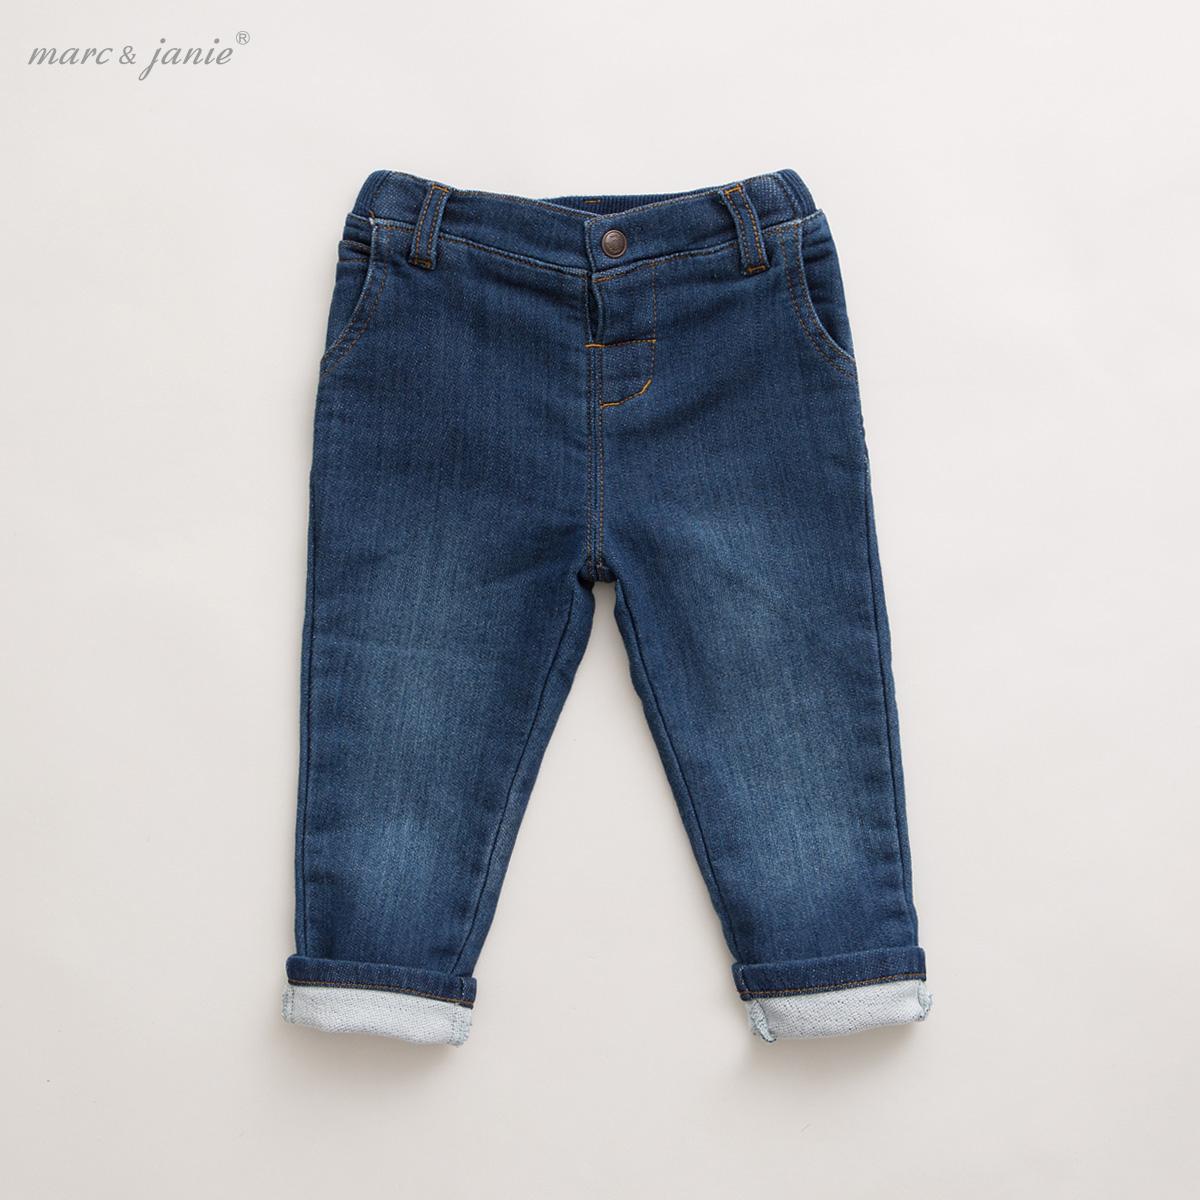 ~可開檔~馬克珍妮春裝男女寶寶針織柔軟牛仔褲 兒童長褲子15091